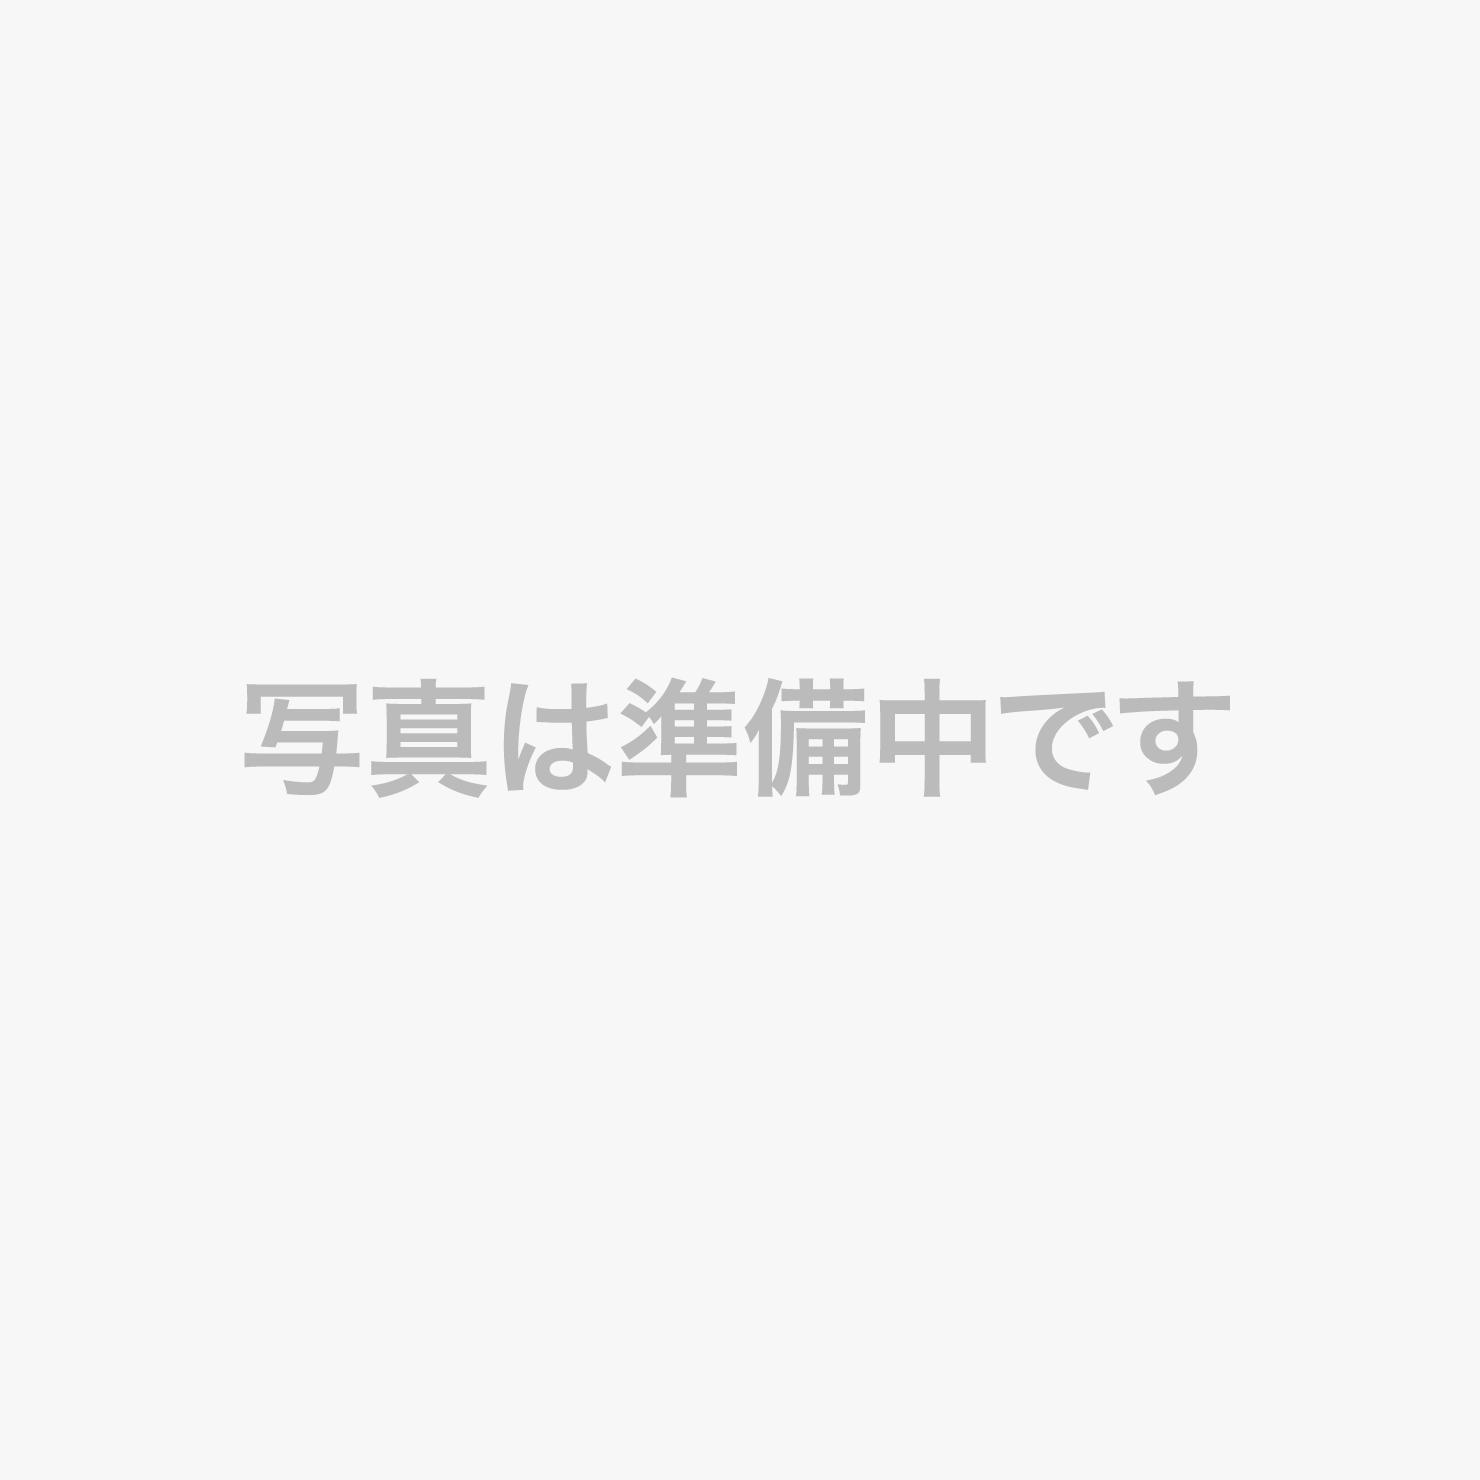 【海と朝日】を望む男性専用・檜露天 14:00~25:00 5:00~11:00